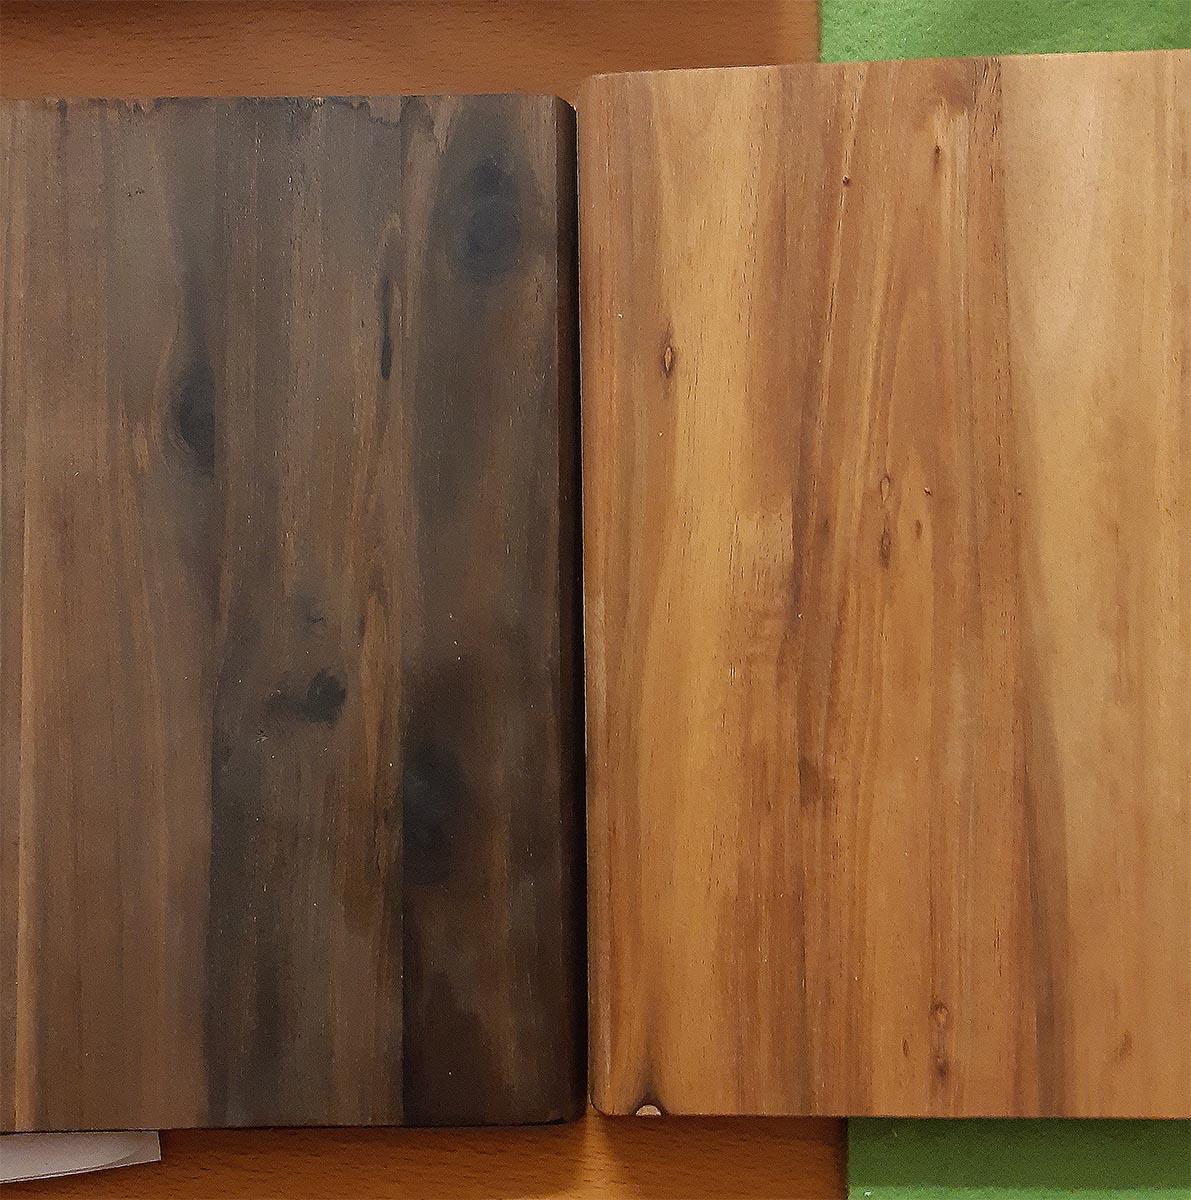 Beiztest, Akazienholz; schwarzer Tee, Essigessenz, Stahlwolle